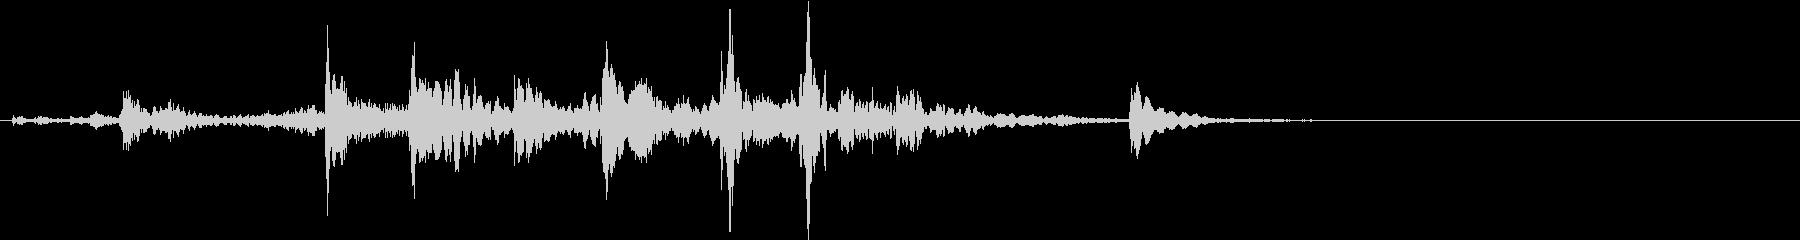 【生録音】装備品の細いチェーンの音の未再生の波形